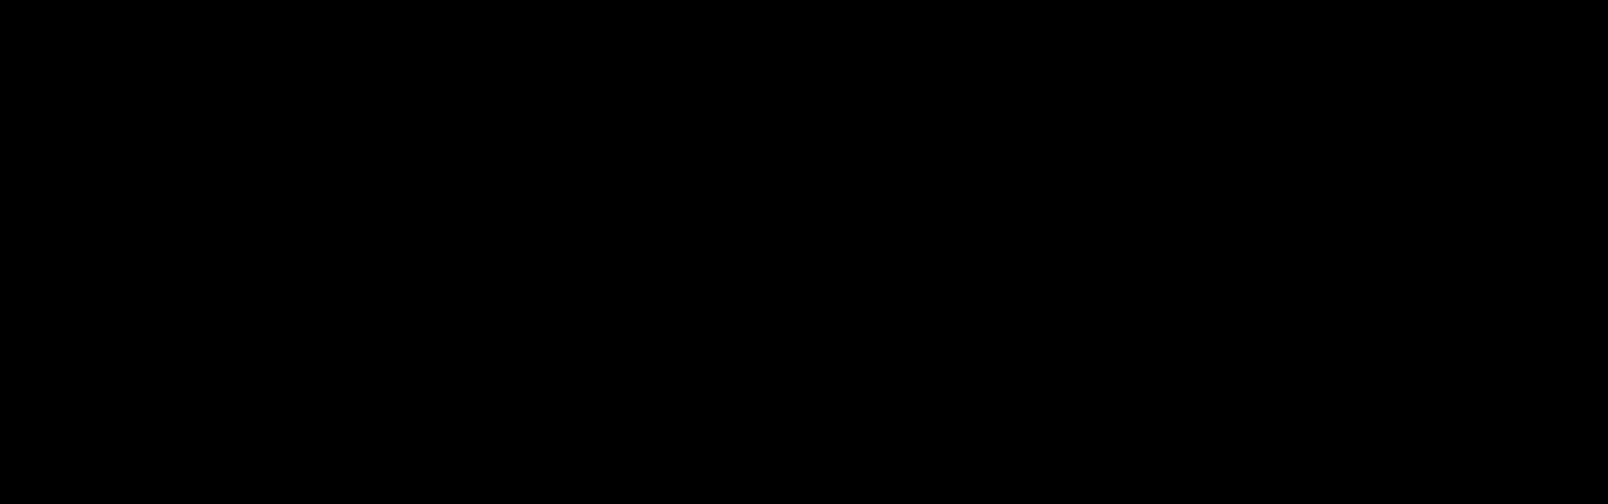 SEM_Figure1